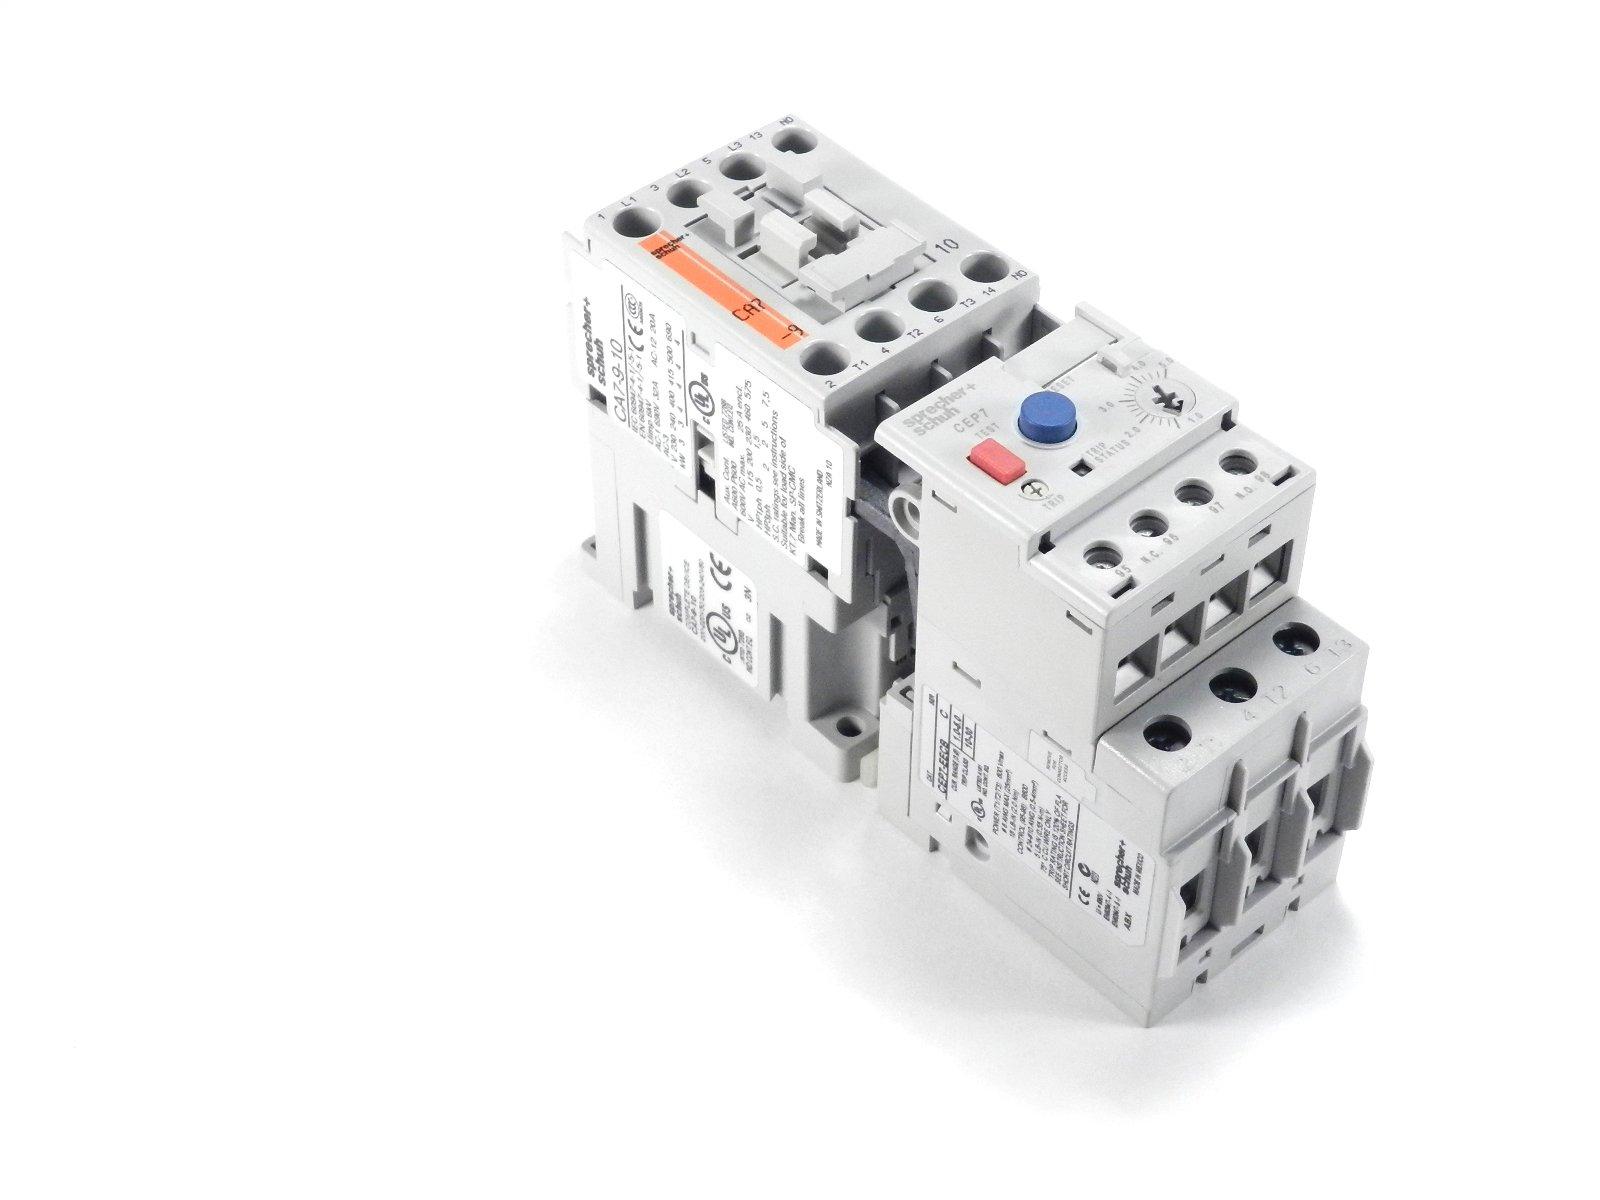 Sprecher & Schuh Magnetic Motor Starter Contactor & Overload Relay CA7-9-10-24Z + CEP7-EEDB